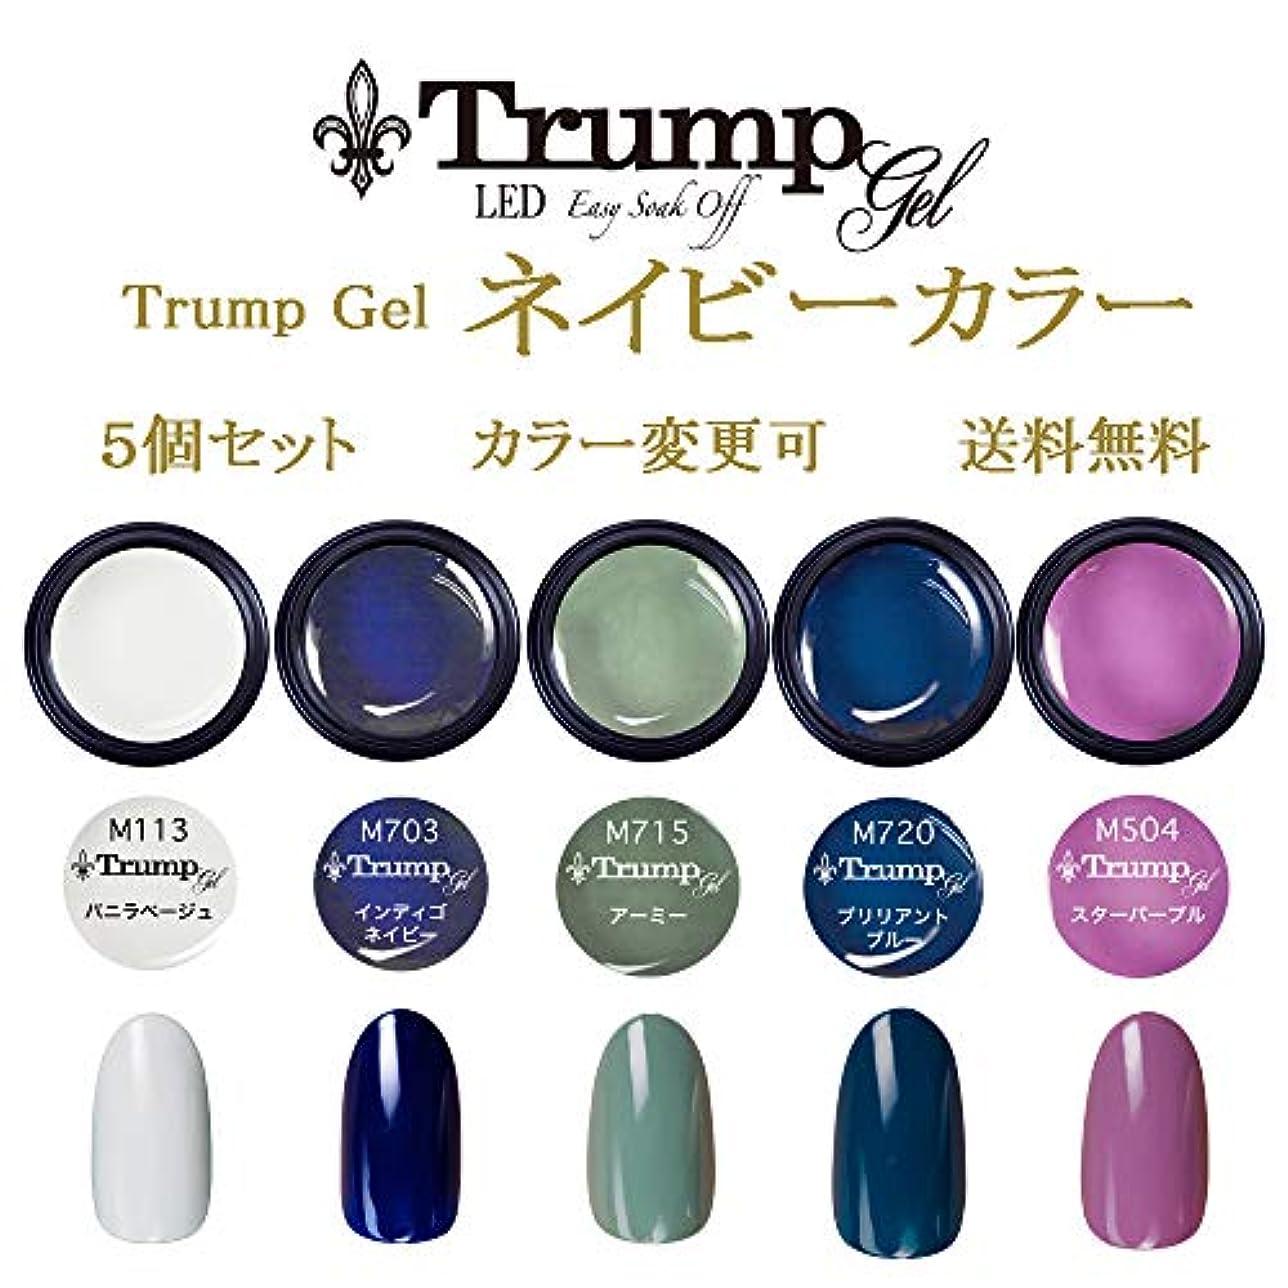 便利自己尊重デッド日本製 Trump gel トランプジェル ネイビーカラー 選べる カラージェル 5個セット ホワイト ブルー ネイビー パープル カーキ グリーン